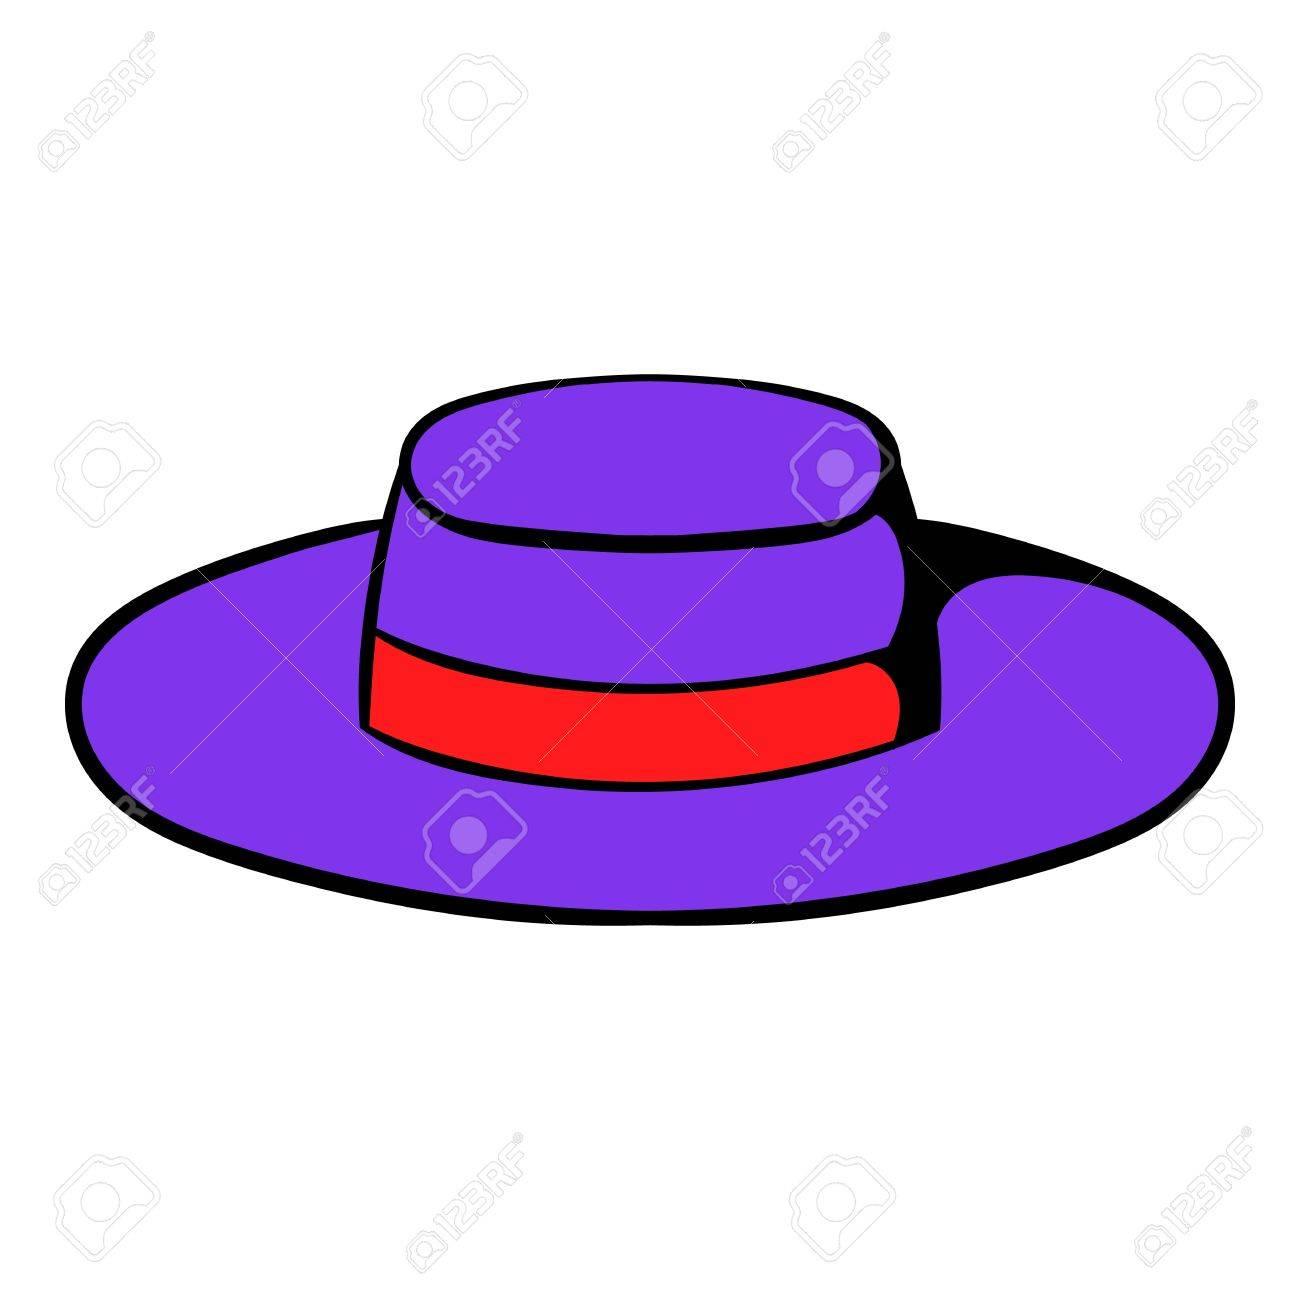 Foto de archivo - Sombrero sombrero icono de dibujos animados en color  púrpura. f44ea3f546d